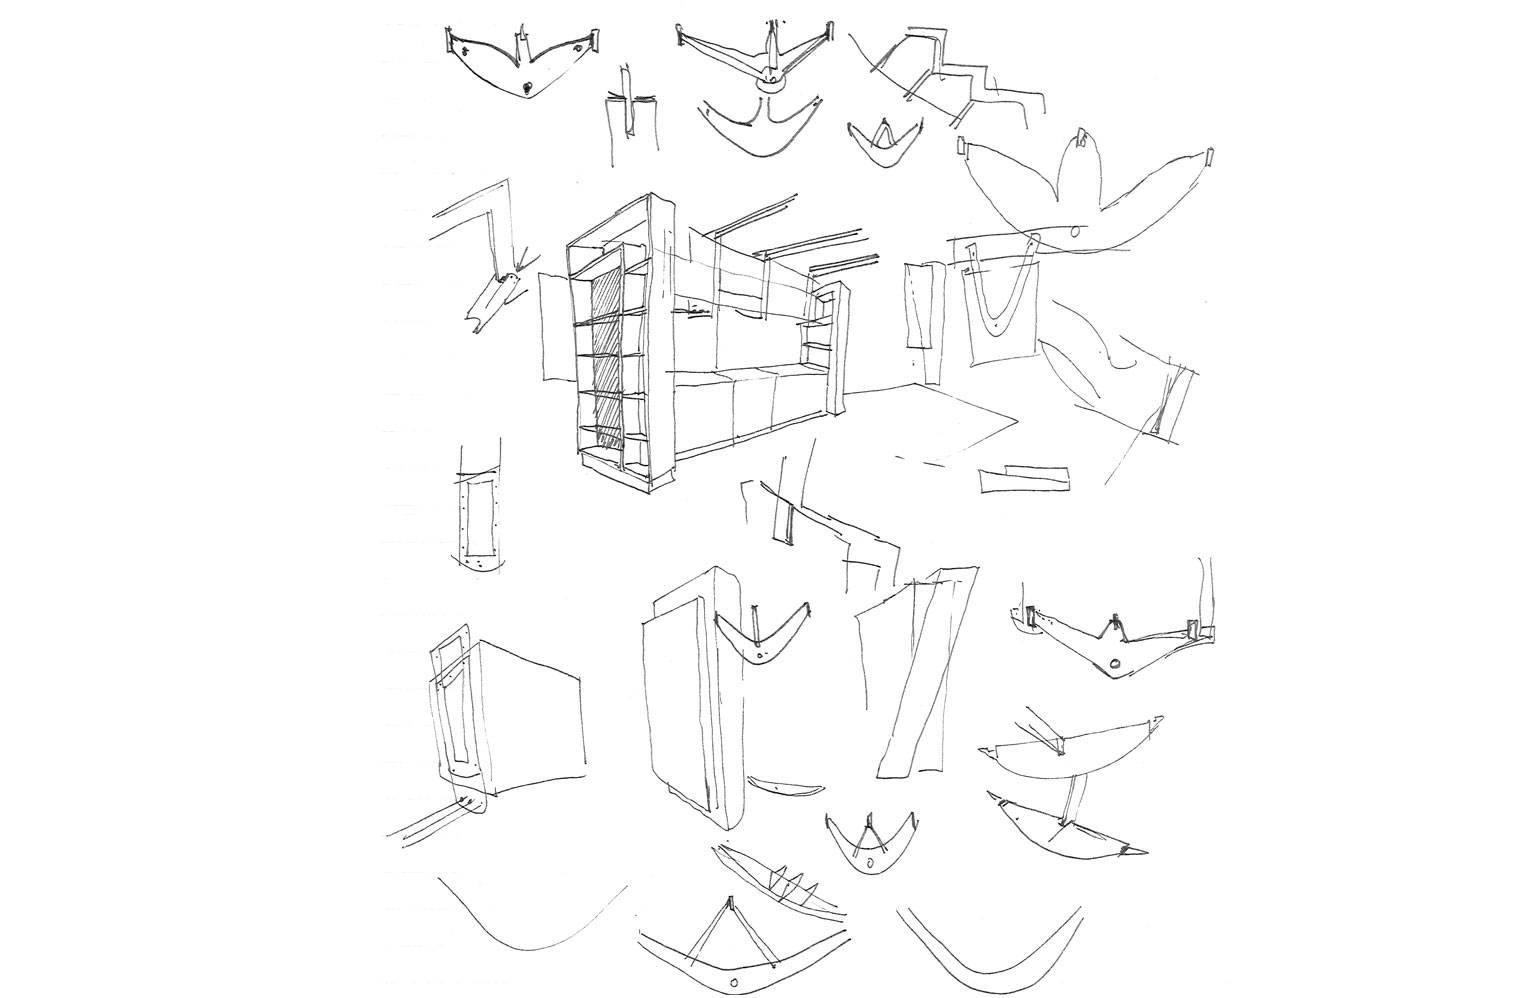 45 Leeuwen Street - Sketches